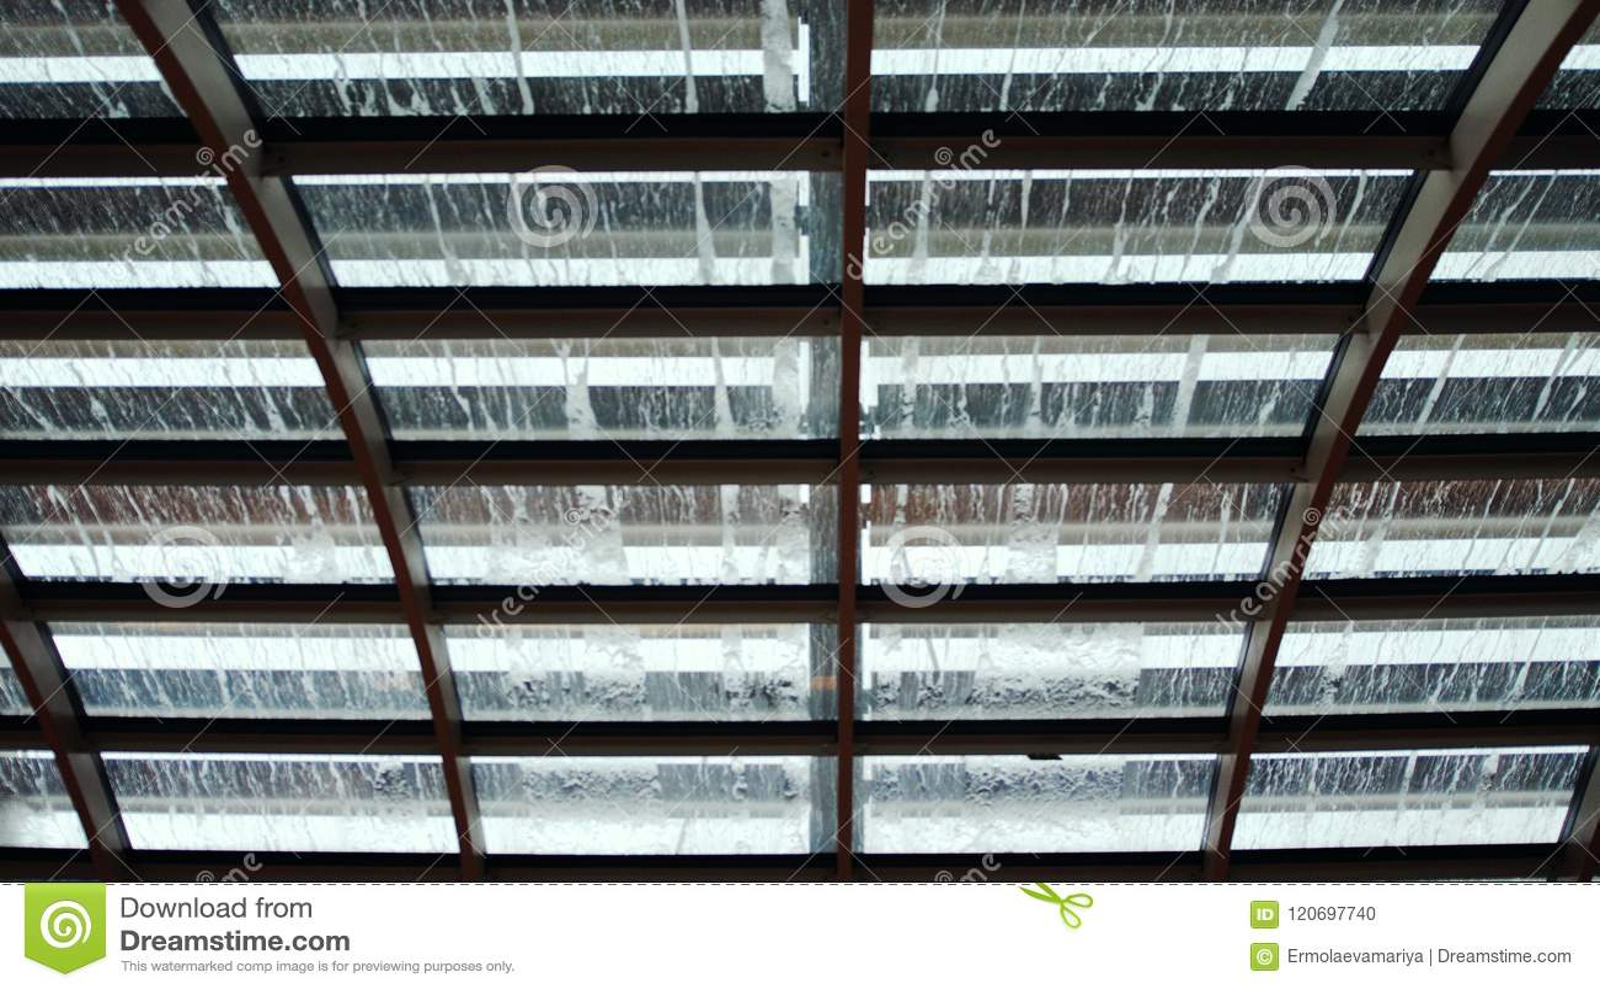 Pingos de chuva no telhado de vidro A vista da parte inferior em gotas da chuva espirra e fluxo para baixo sobre o vidro blurry